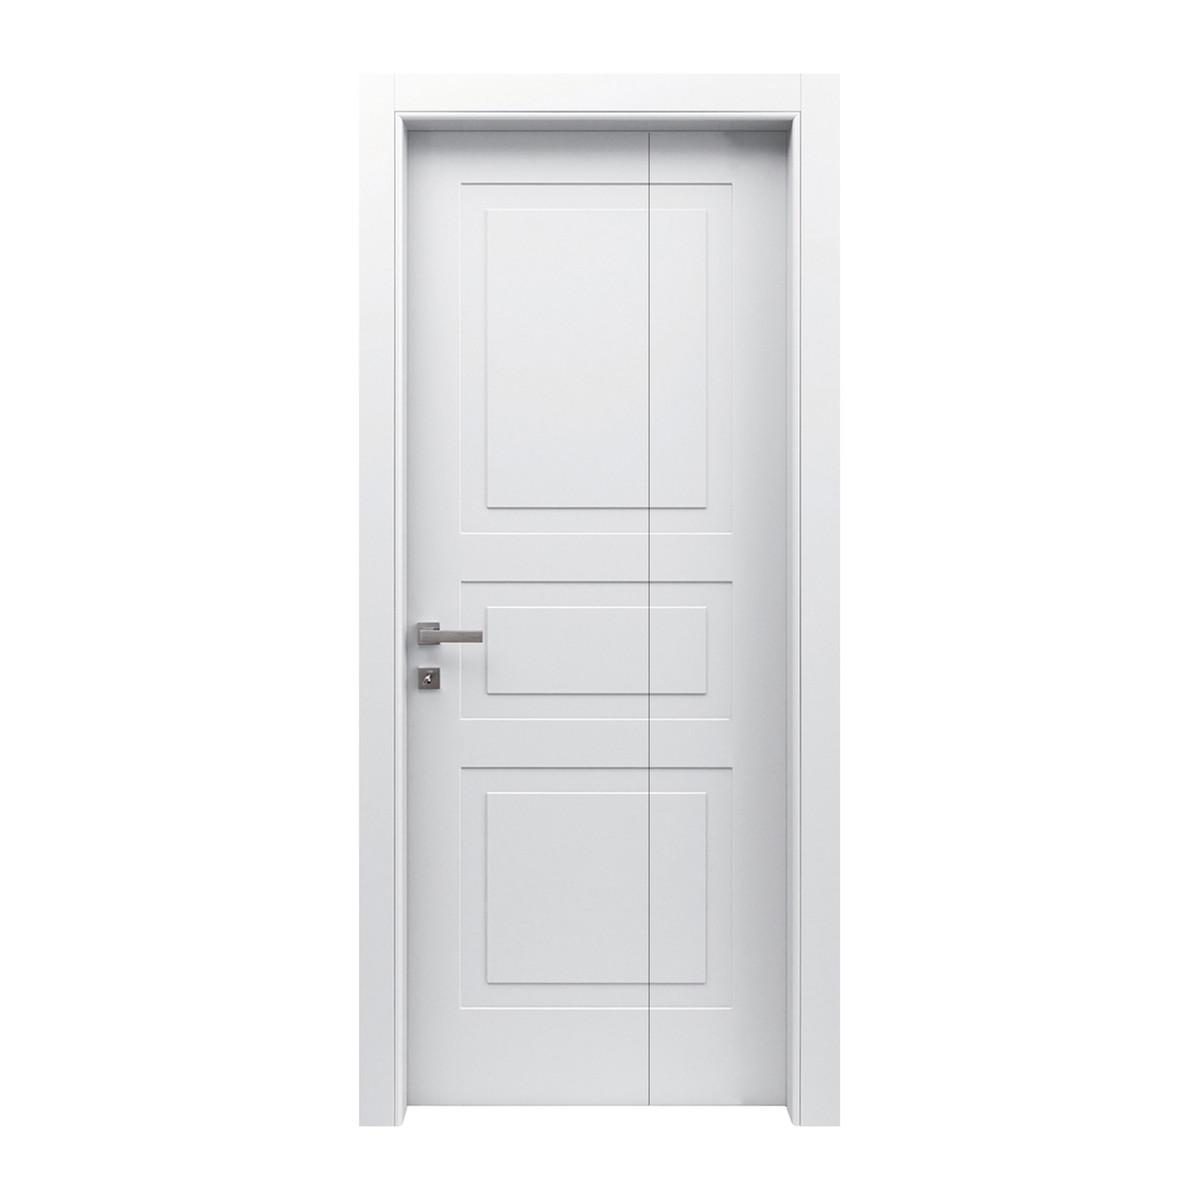 Porta da interno pieghevole asimmetrica alioth bianco 80 x for Porta pieghevole a libro leroy merlin